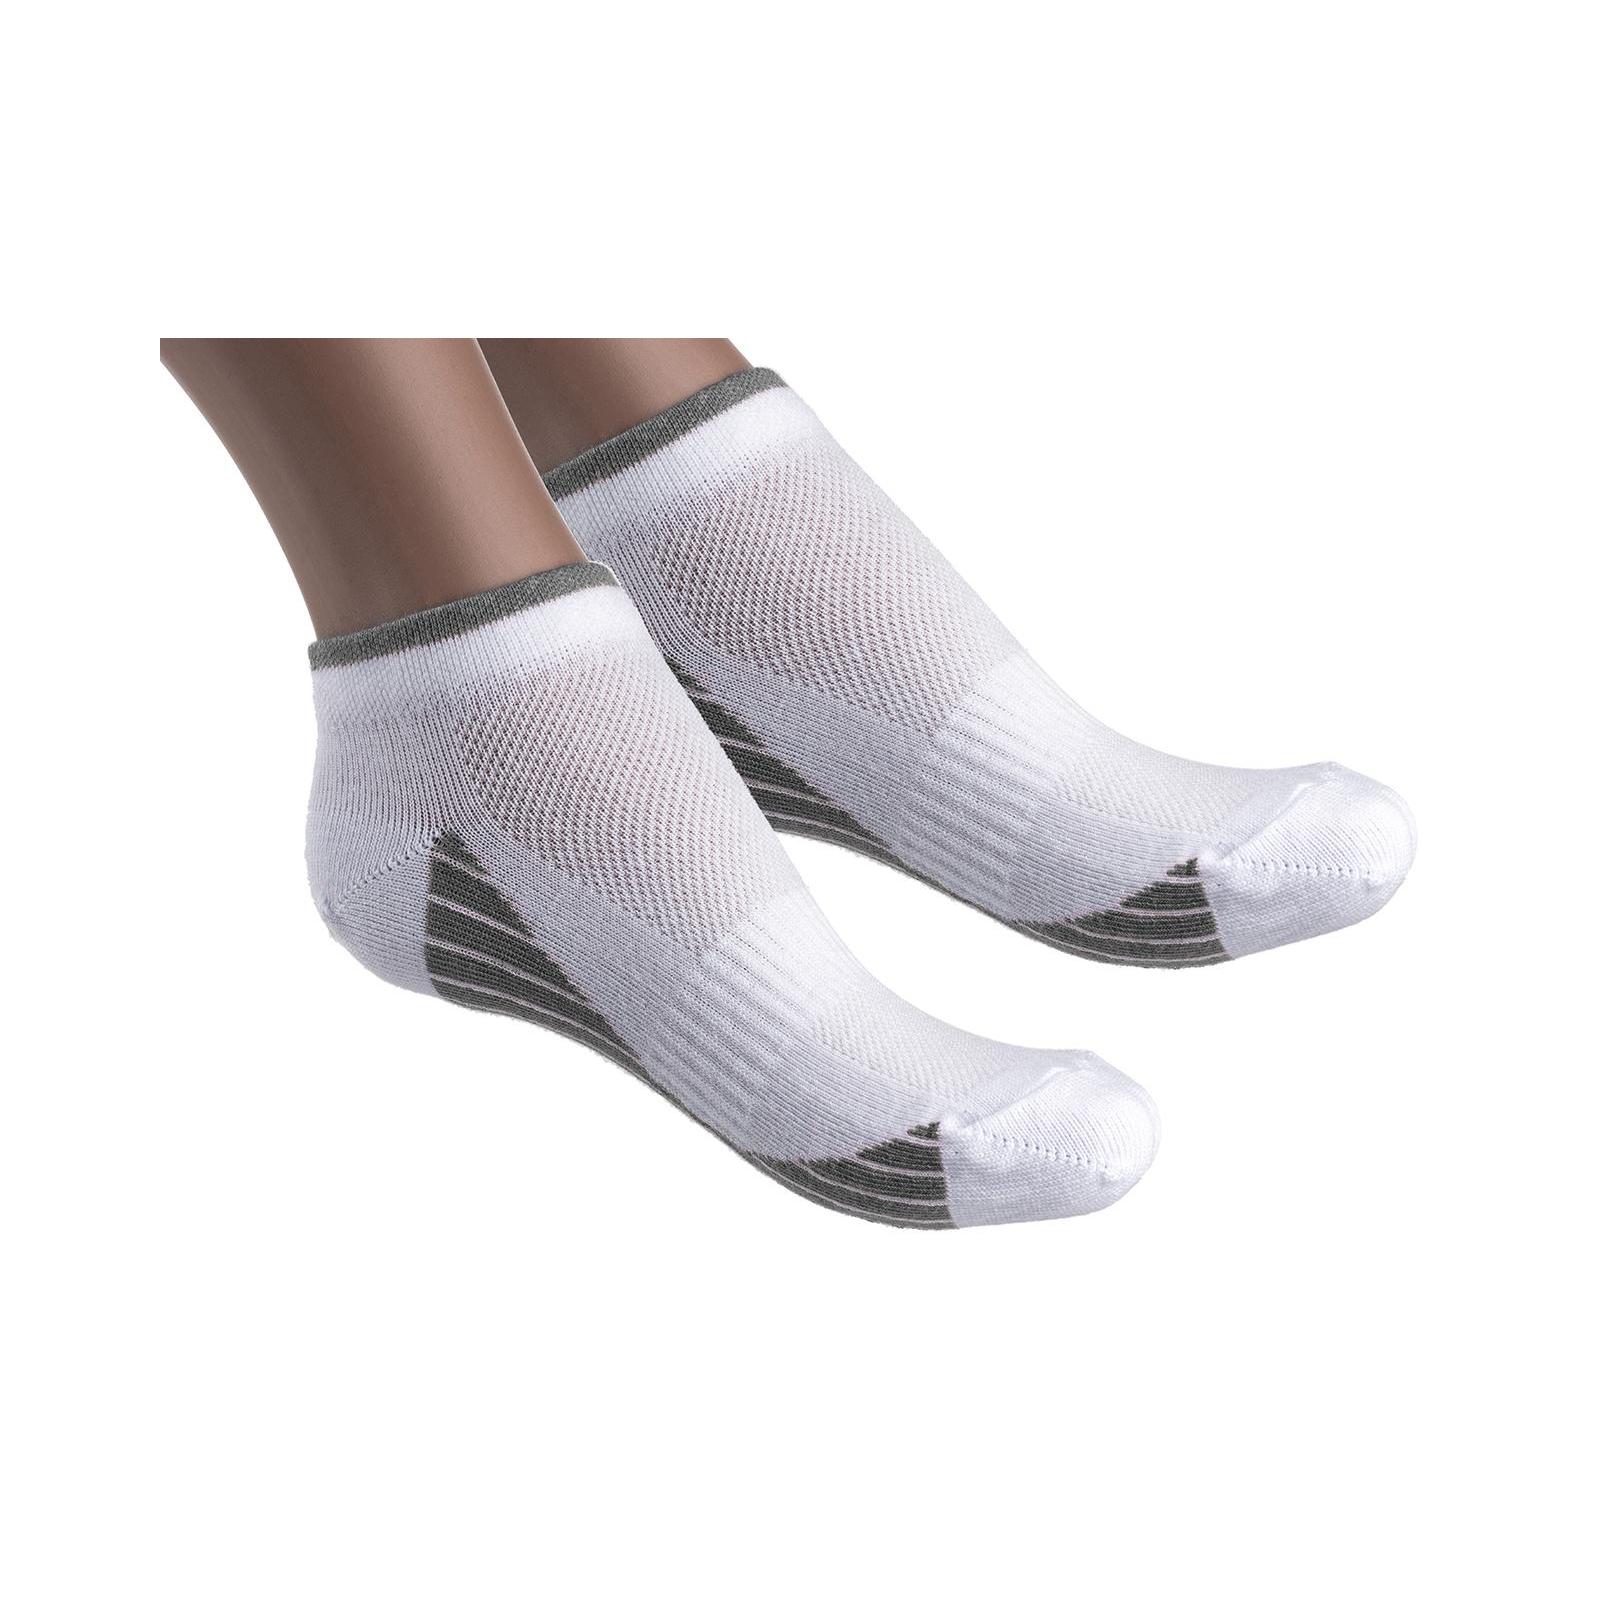 Носки UCS Socks спортивные (M0C0201-0093-11-gray)